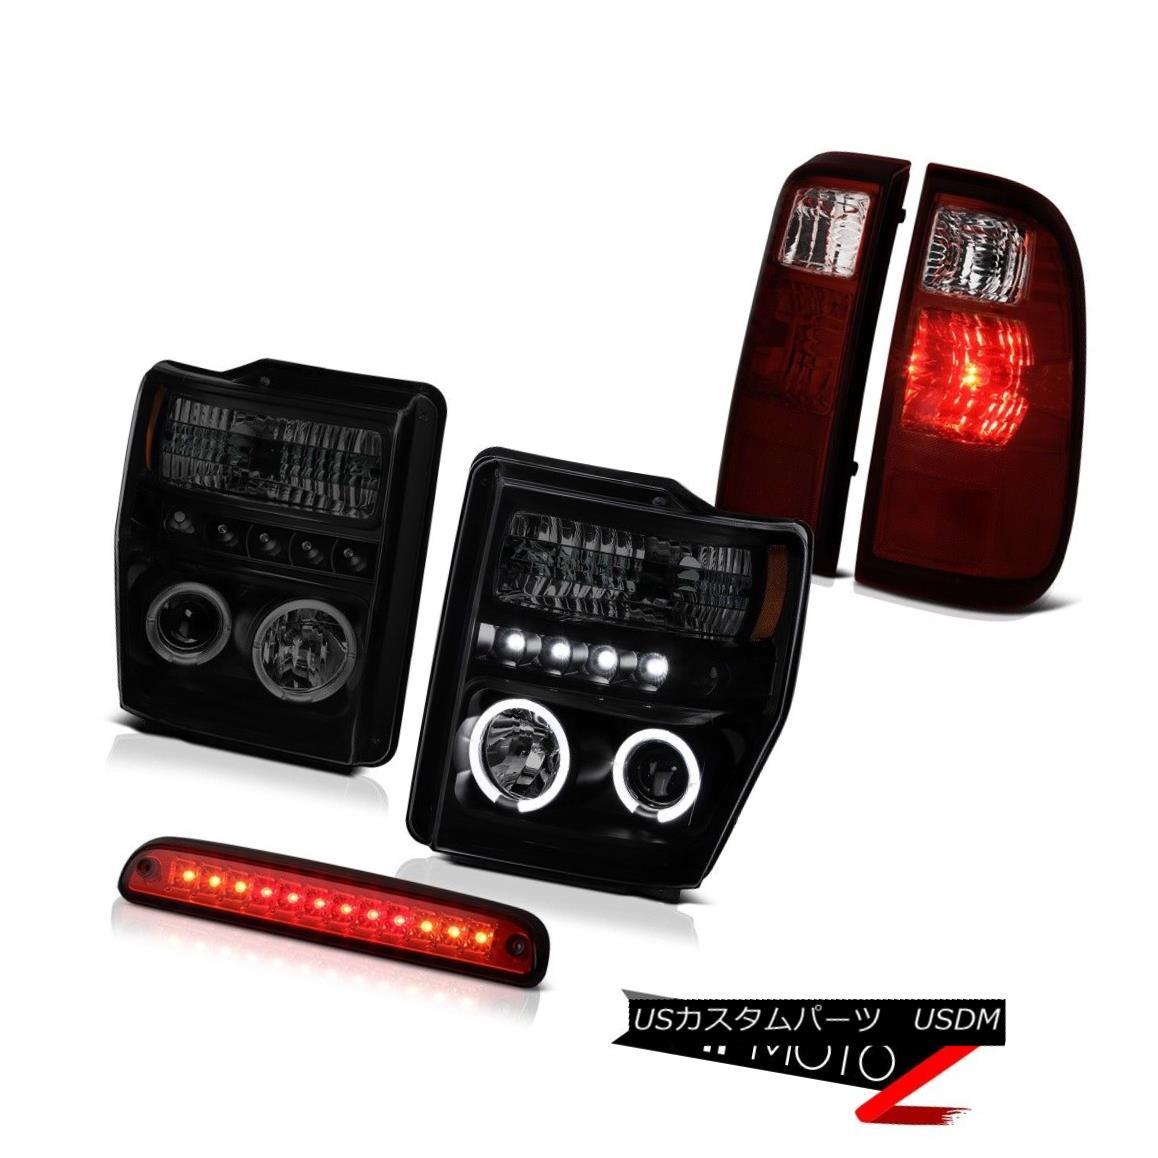 テールライト Halo Projector Headlamps High Stop LED Red Smoke TailLights 2008-2010 F250 F350 ハロープロジェクターヘッドランプハイストップLEDレッド煙テールライト2008-2010 F250 F350